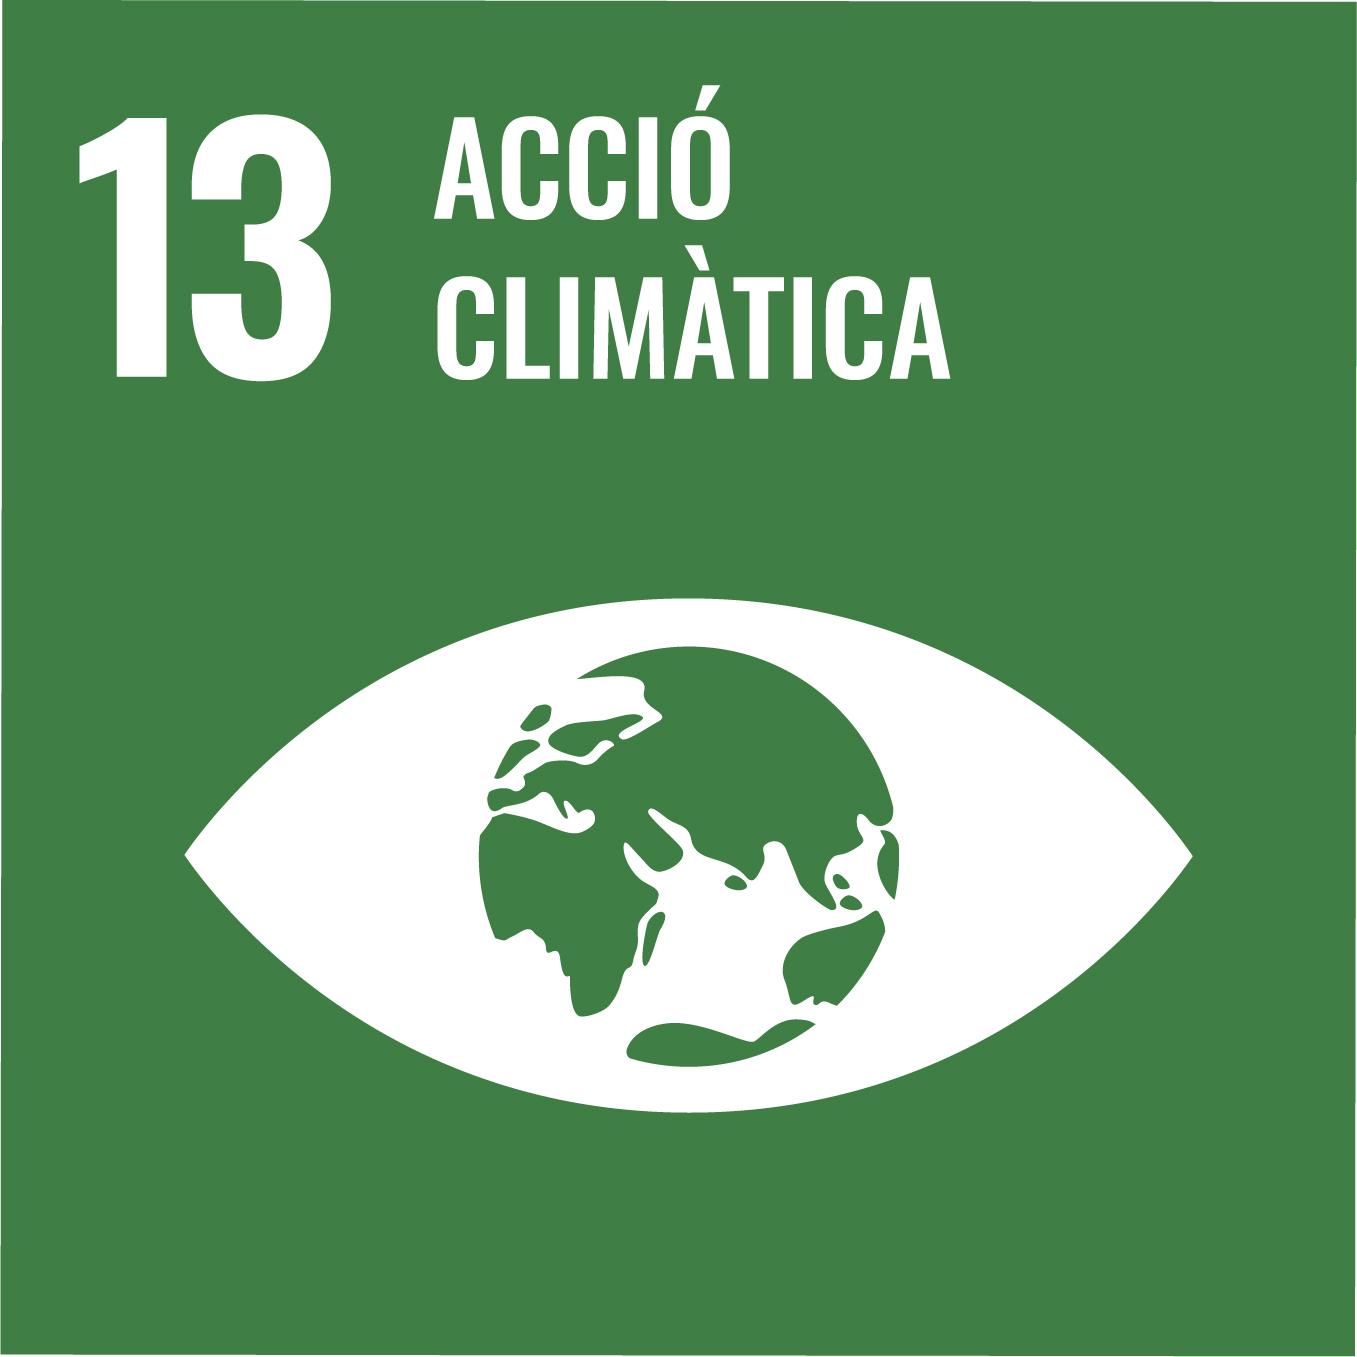 Acció Climàtica - Objectiu 13